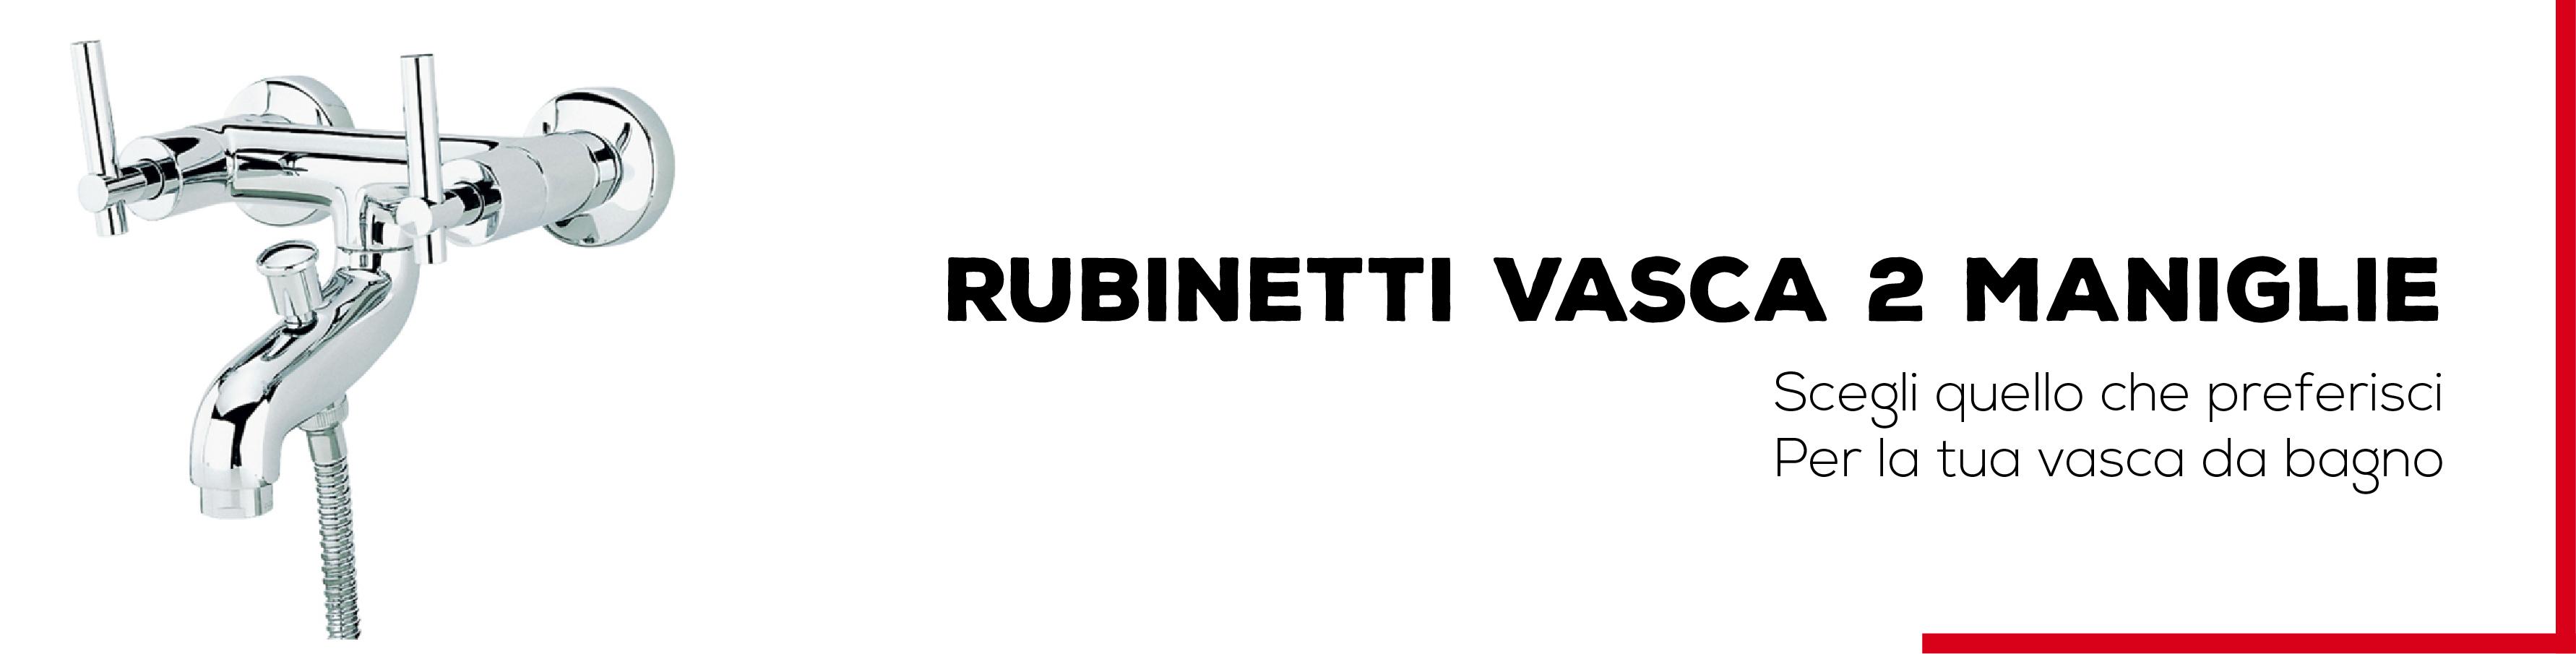 Rubinetti vasca 2 maniglie bagno italiano - Rubinetti per vasca da bagno ...